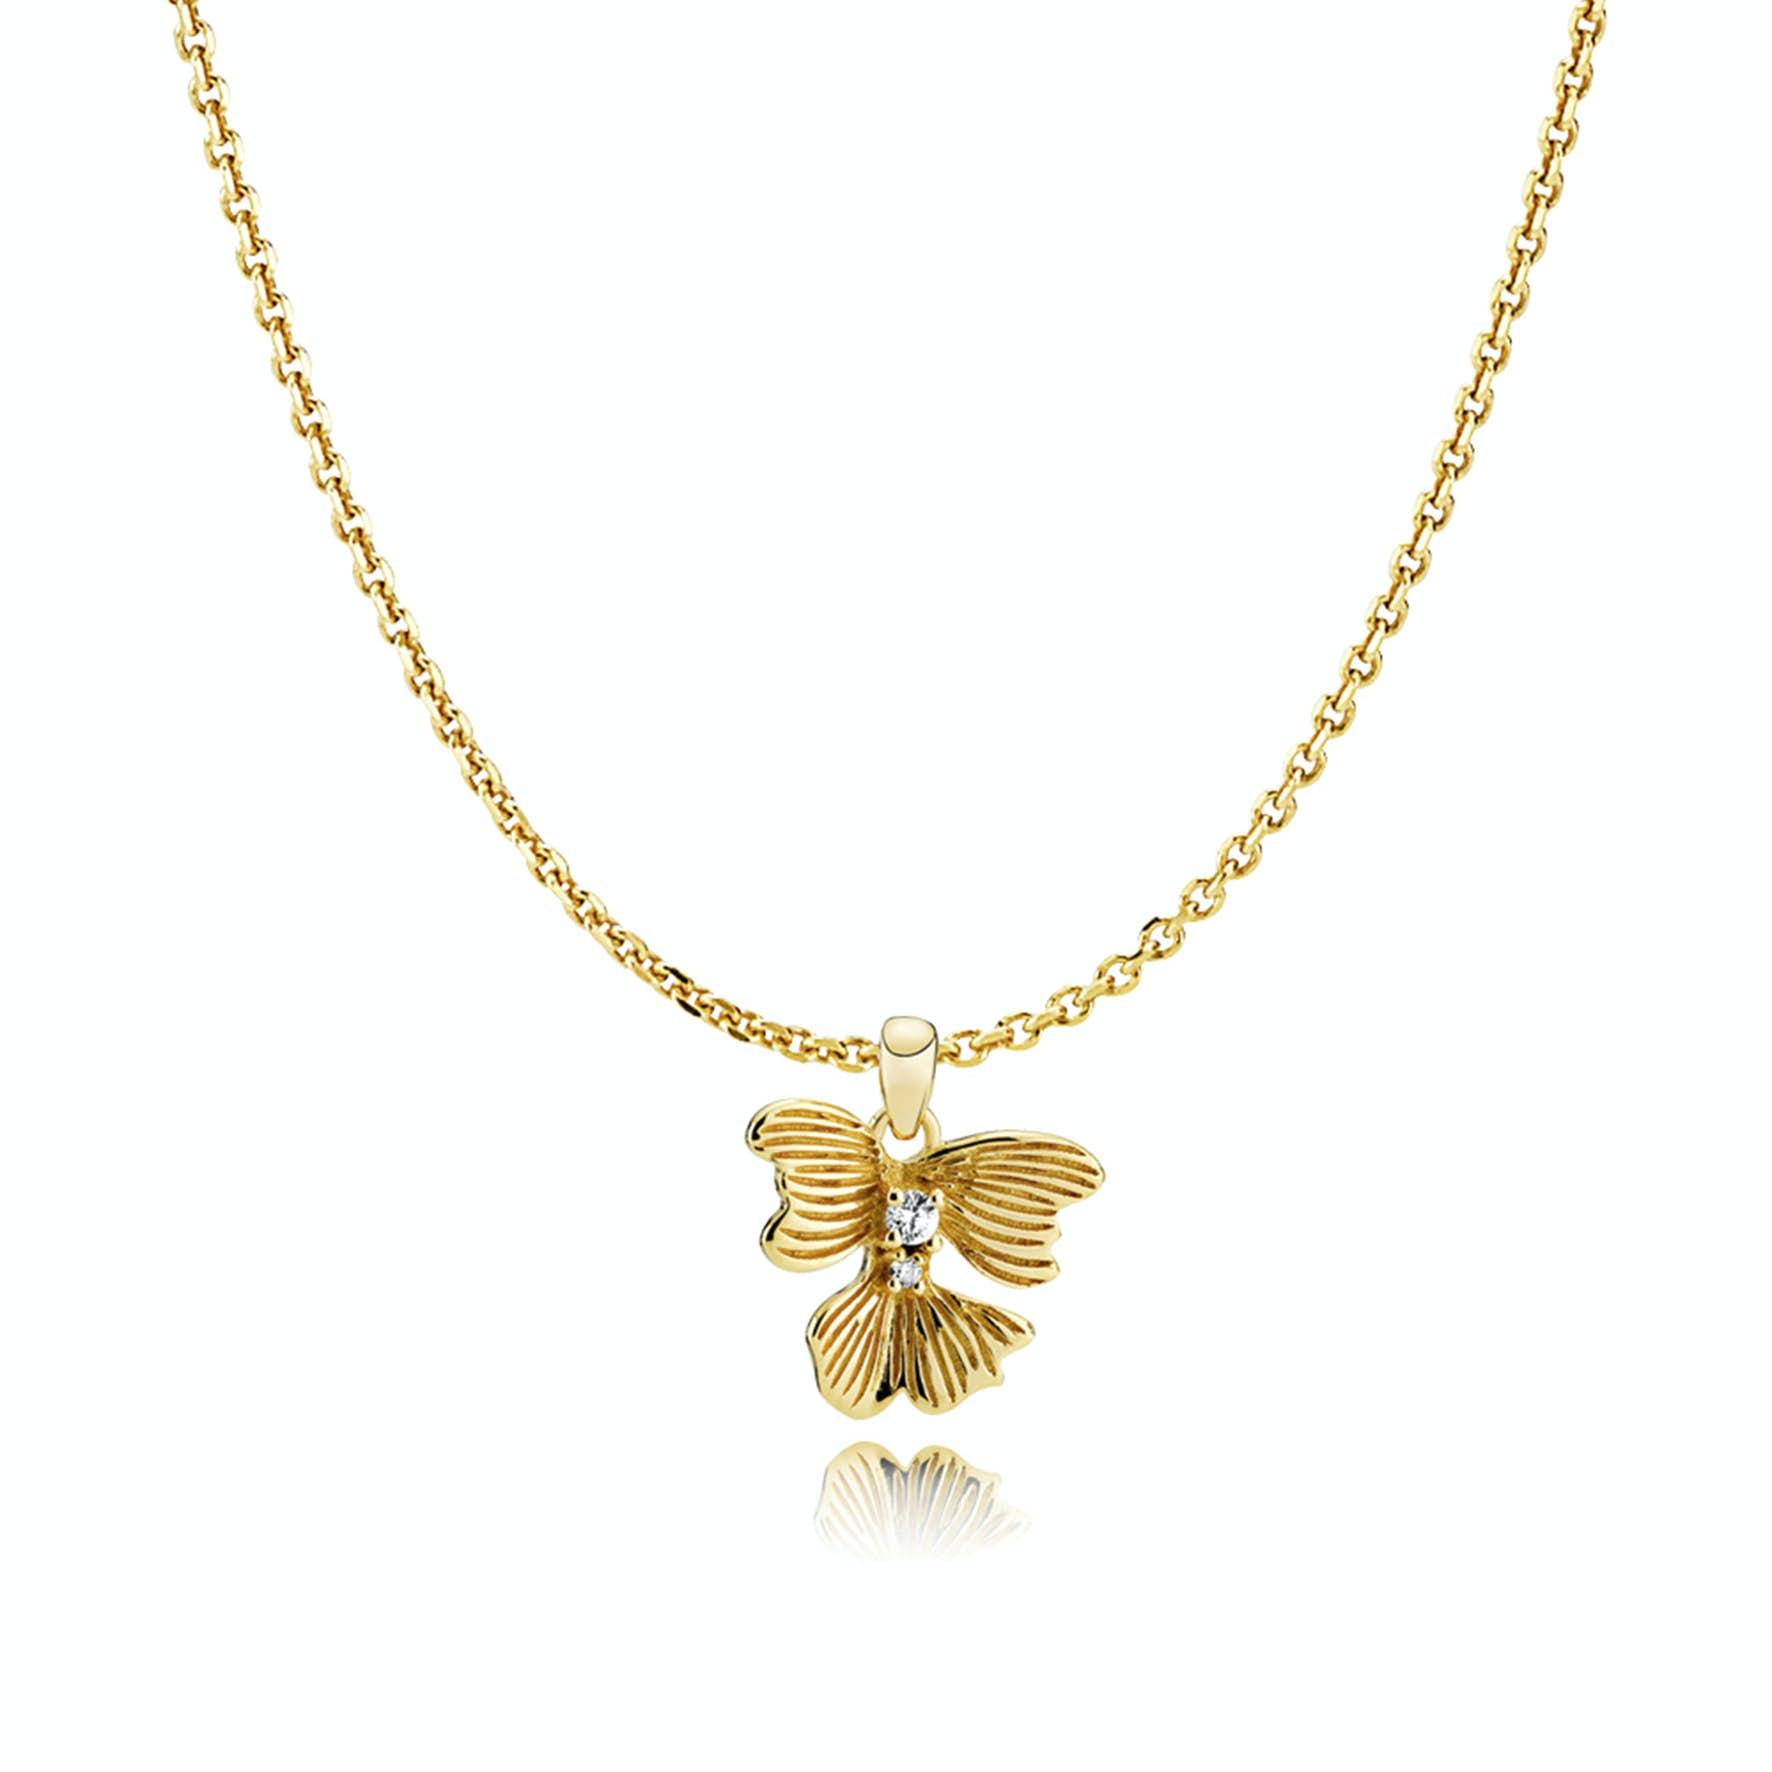 Violet Necklace von Izabel Camille in Vergoldet-Silber Sterling 925